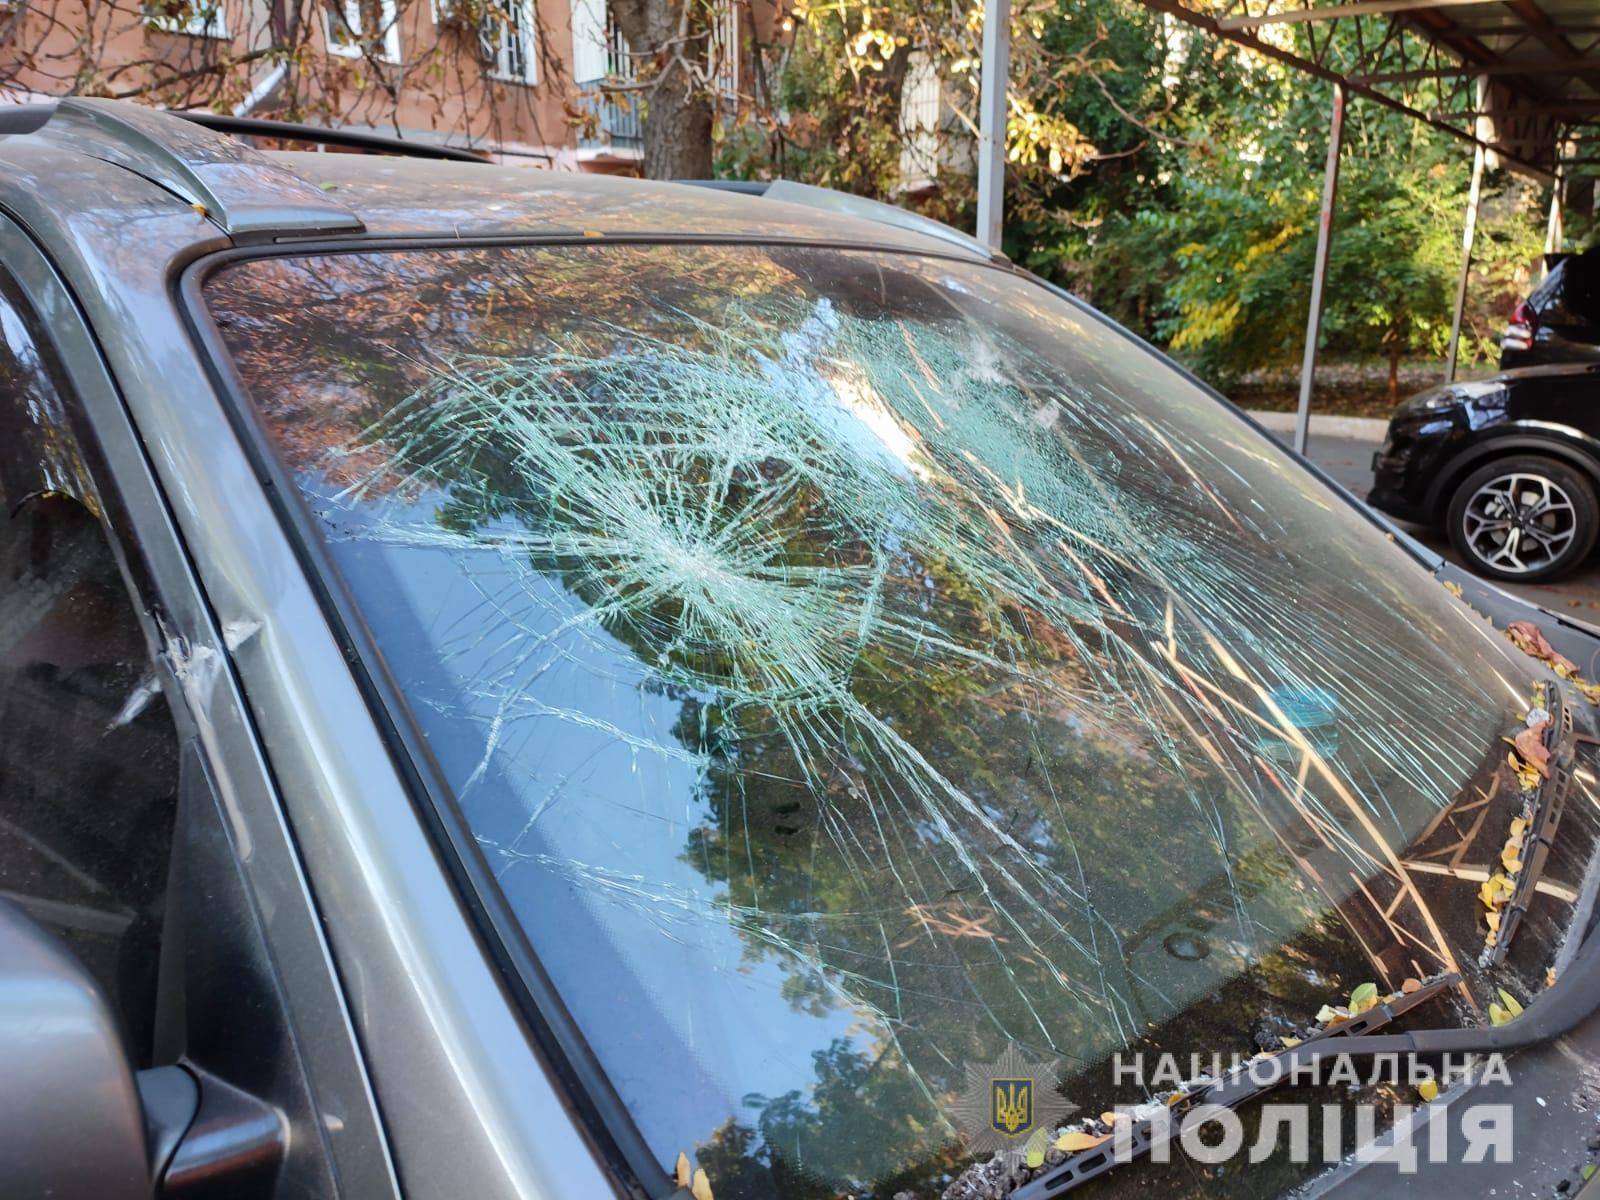 Напад на правоохоронців в Одесі 5 жовтня – подробиці (ФОТО, ВІДЕО)